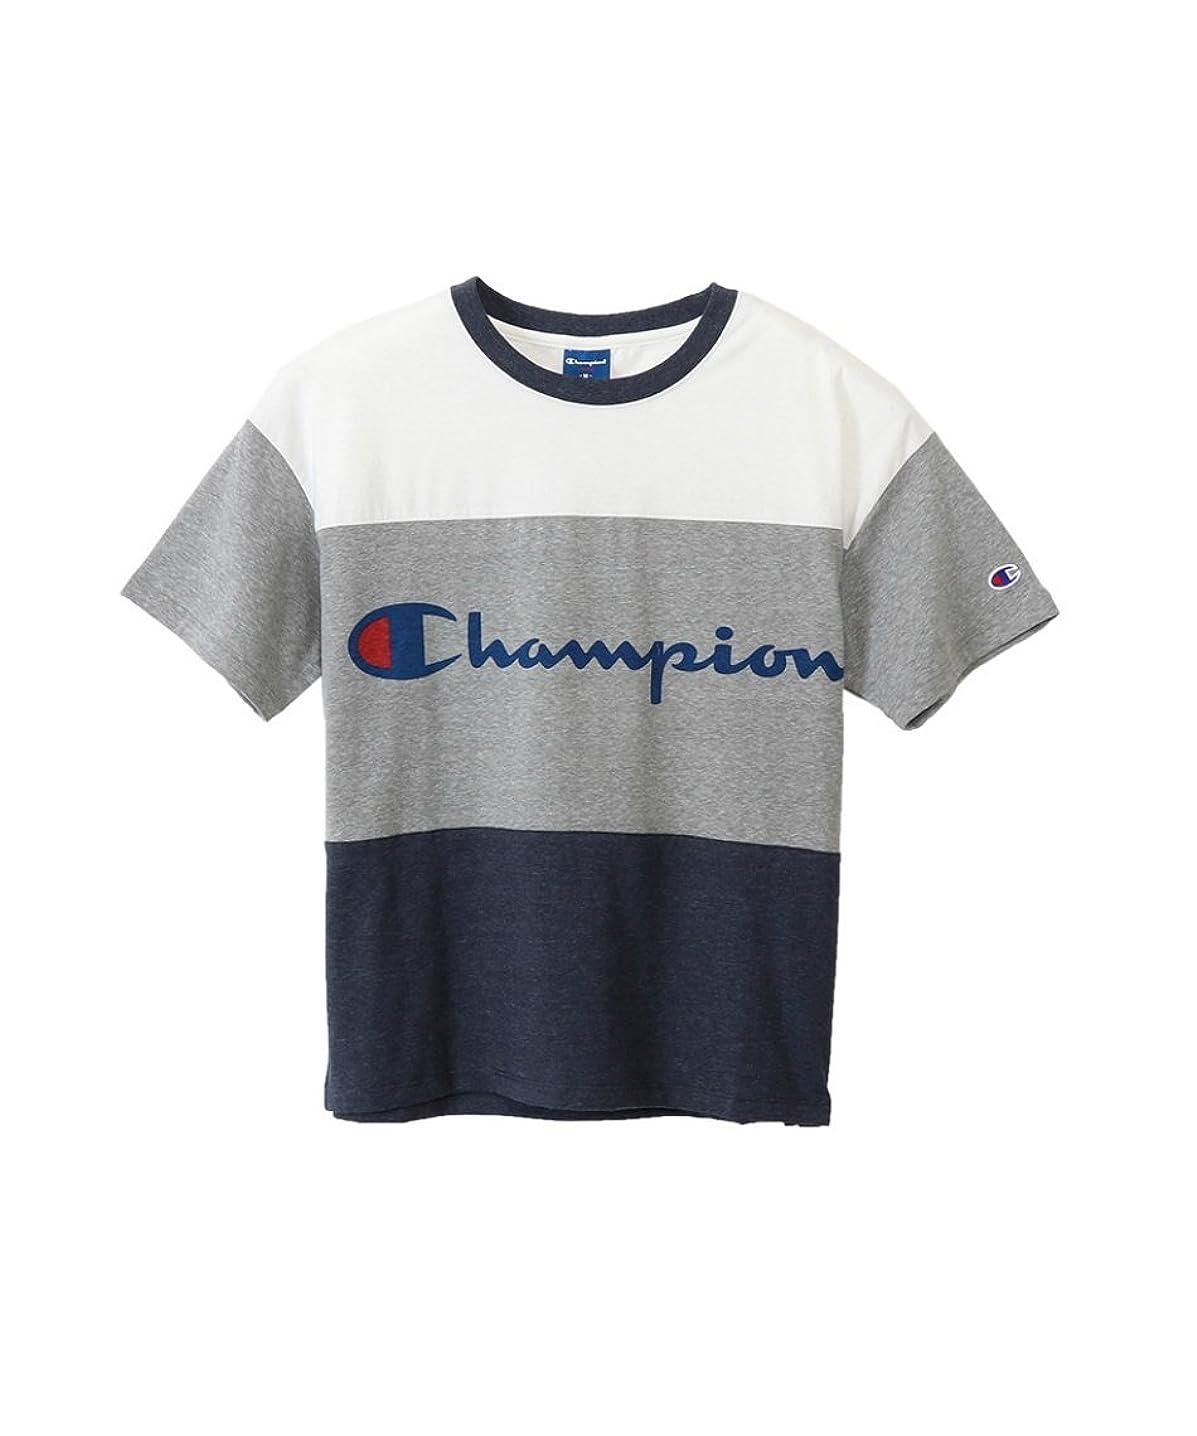 上記の頭と肩飾る量[チャンピオン] Tシャツ CW-MS326